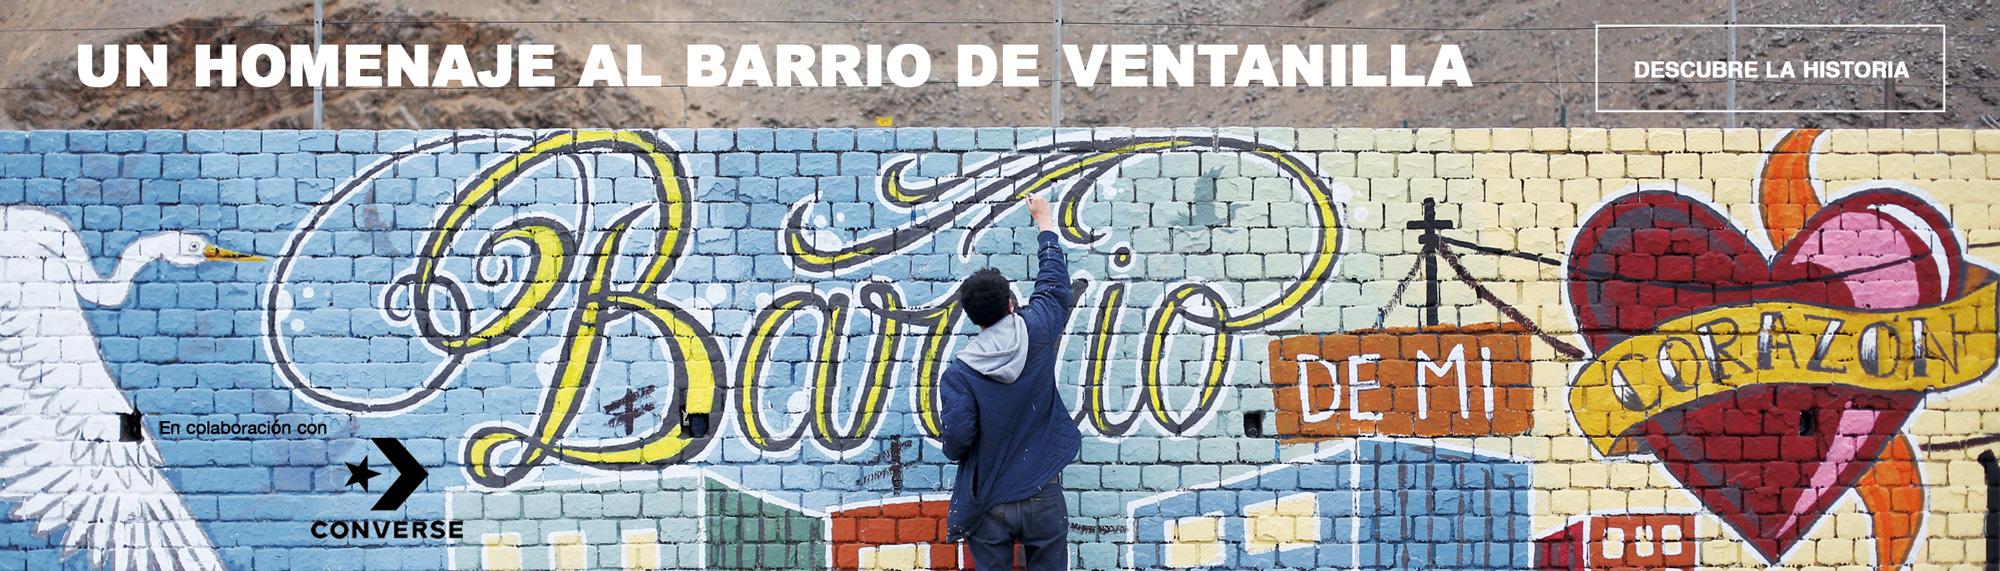 Converse Mural ventanilla all stars